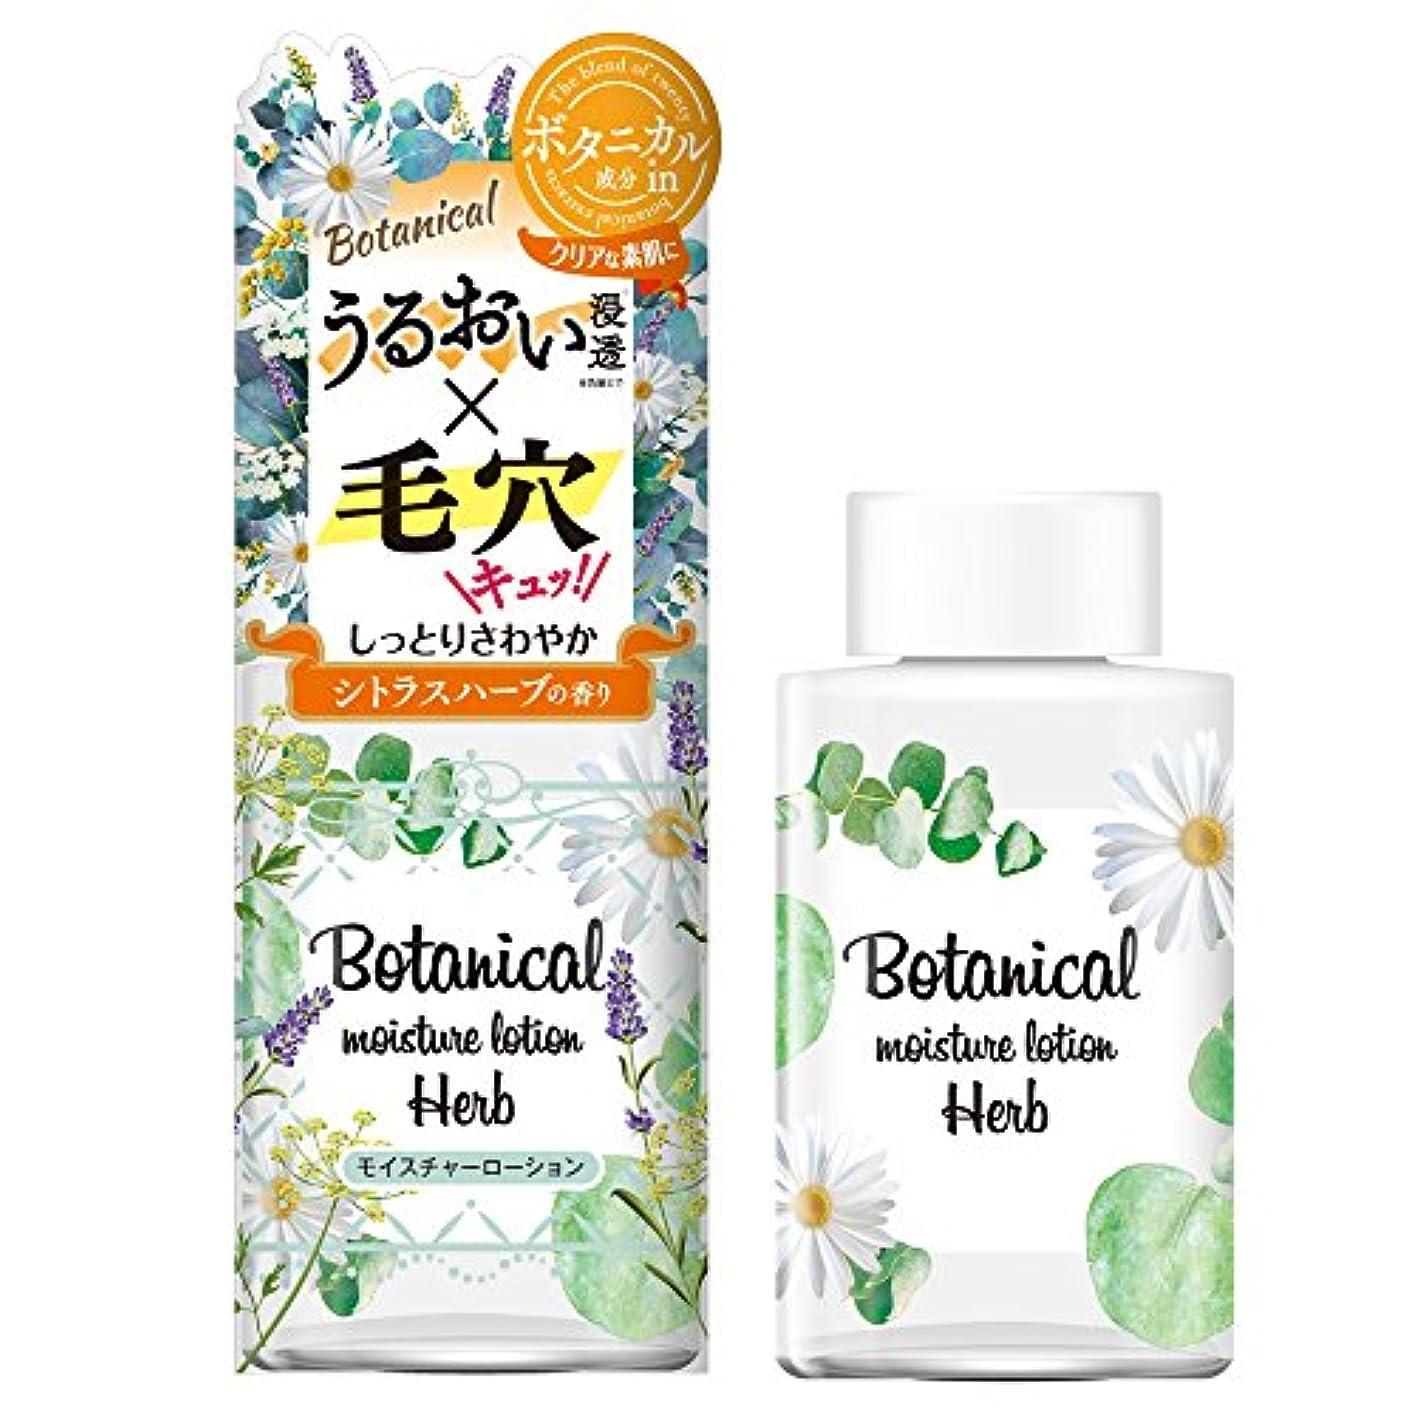 発見するシンプルさ近代化ボタニカル モイスチャーローション シトラスハーブの香り